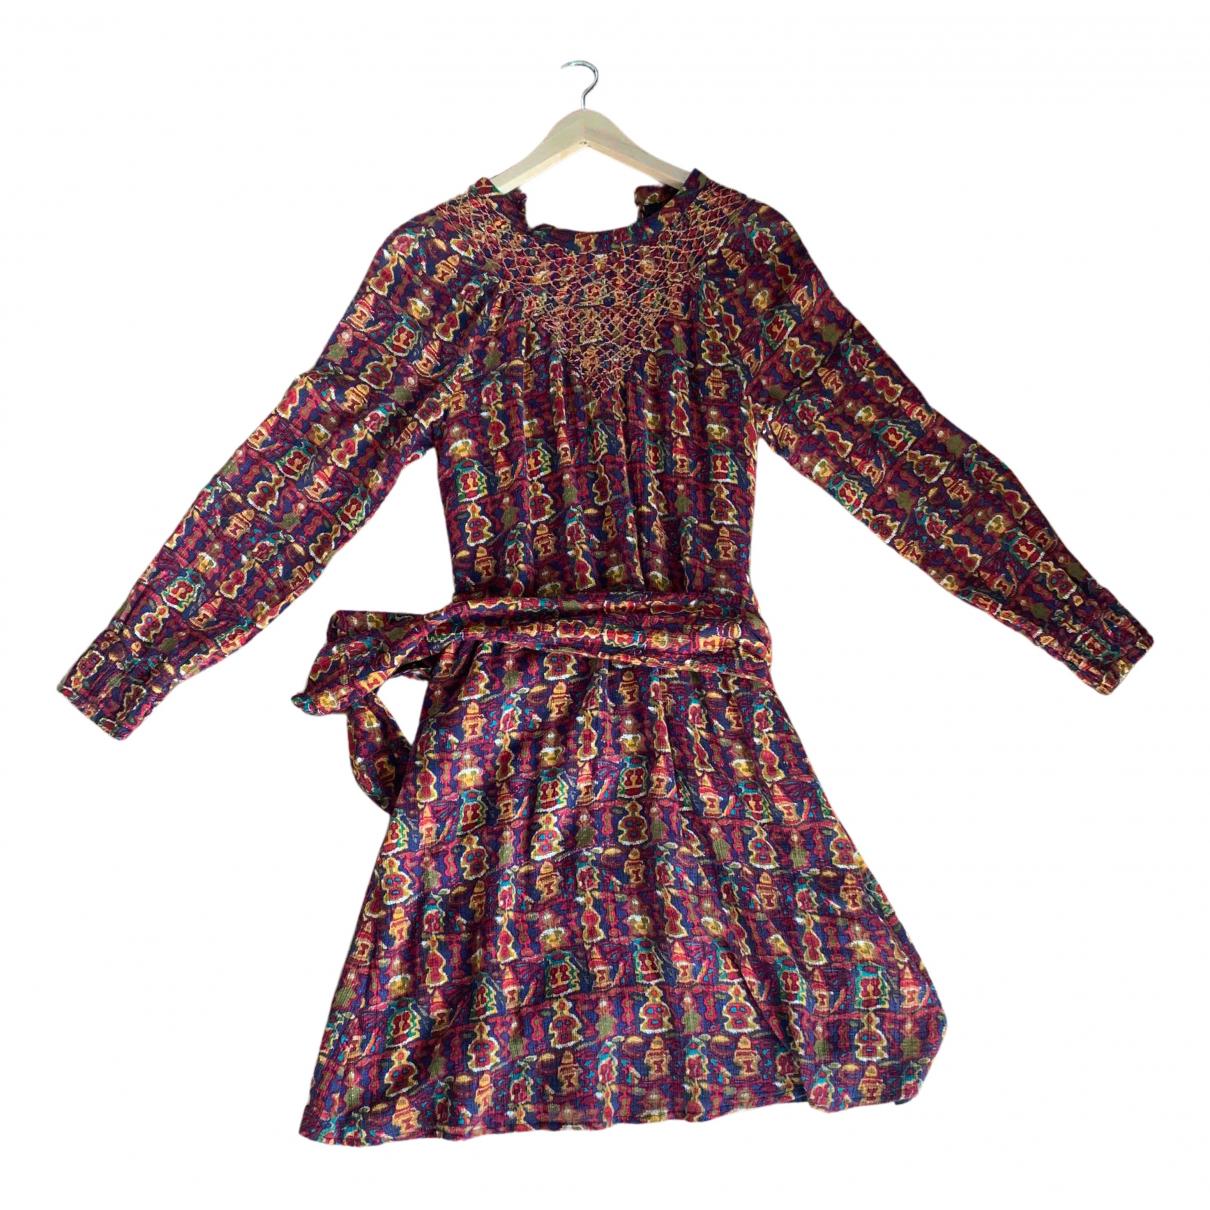 Antik Batik N Cotton dress for Women 36 FR